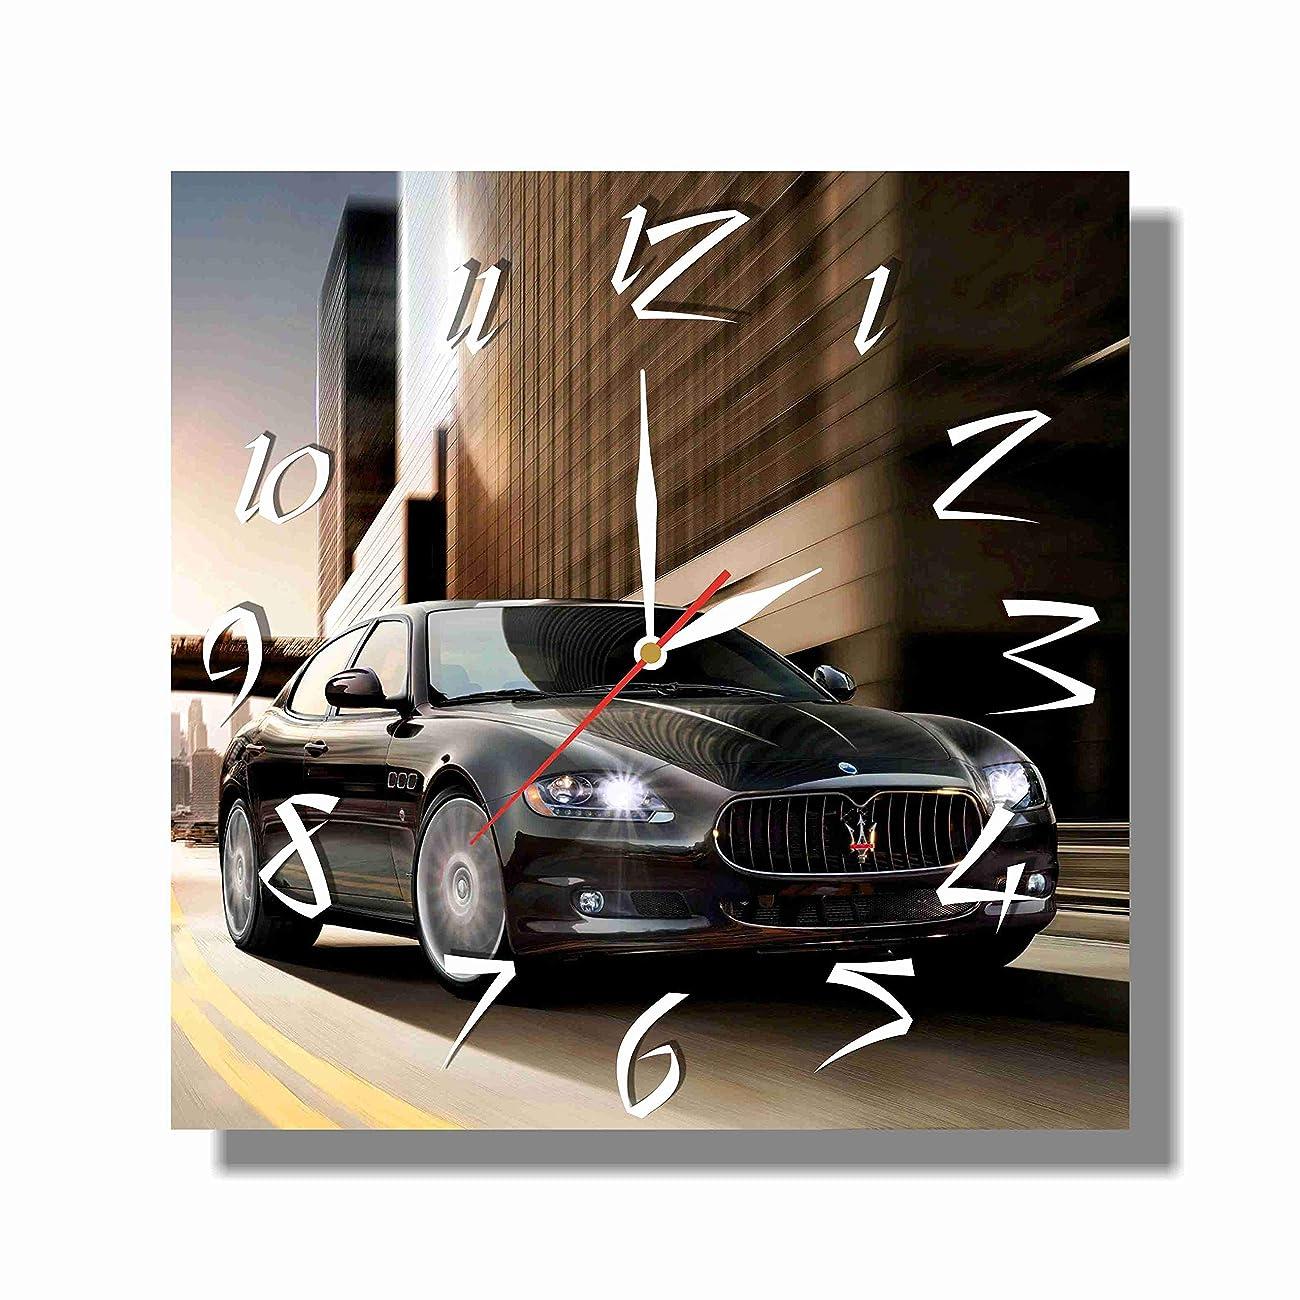 ホームレス些細患者Maserati Quattroporte 11'' 壁時計(マセラティクアトロポルテ)あなたの友人のための最高の贈り物。あなたの家のためのオリジナルデザイン